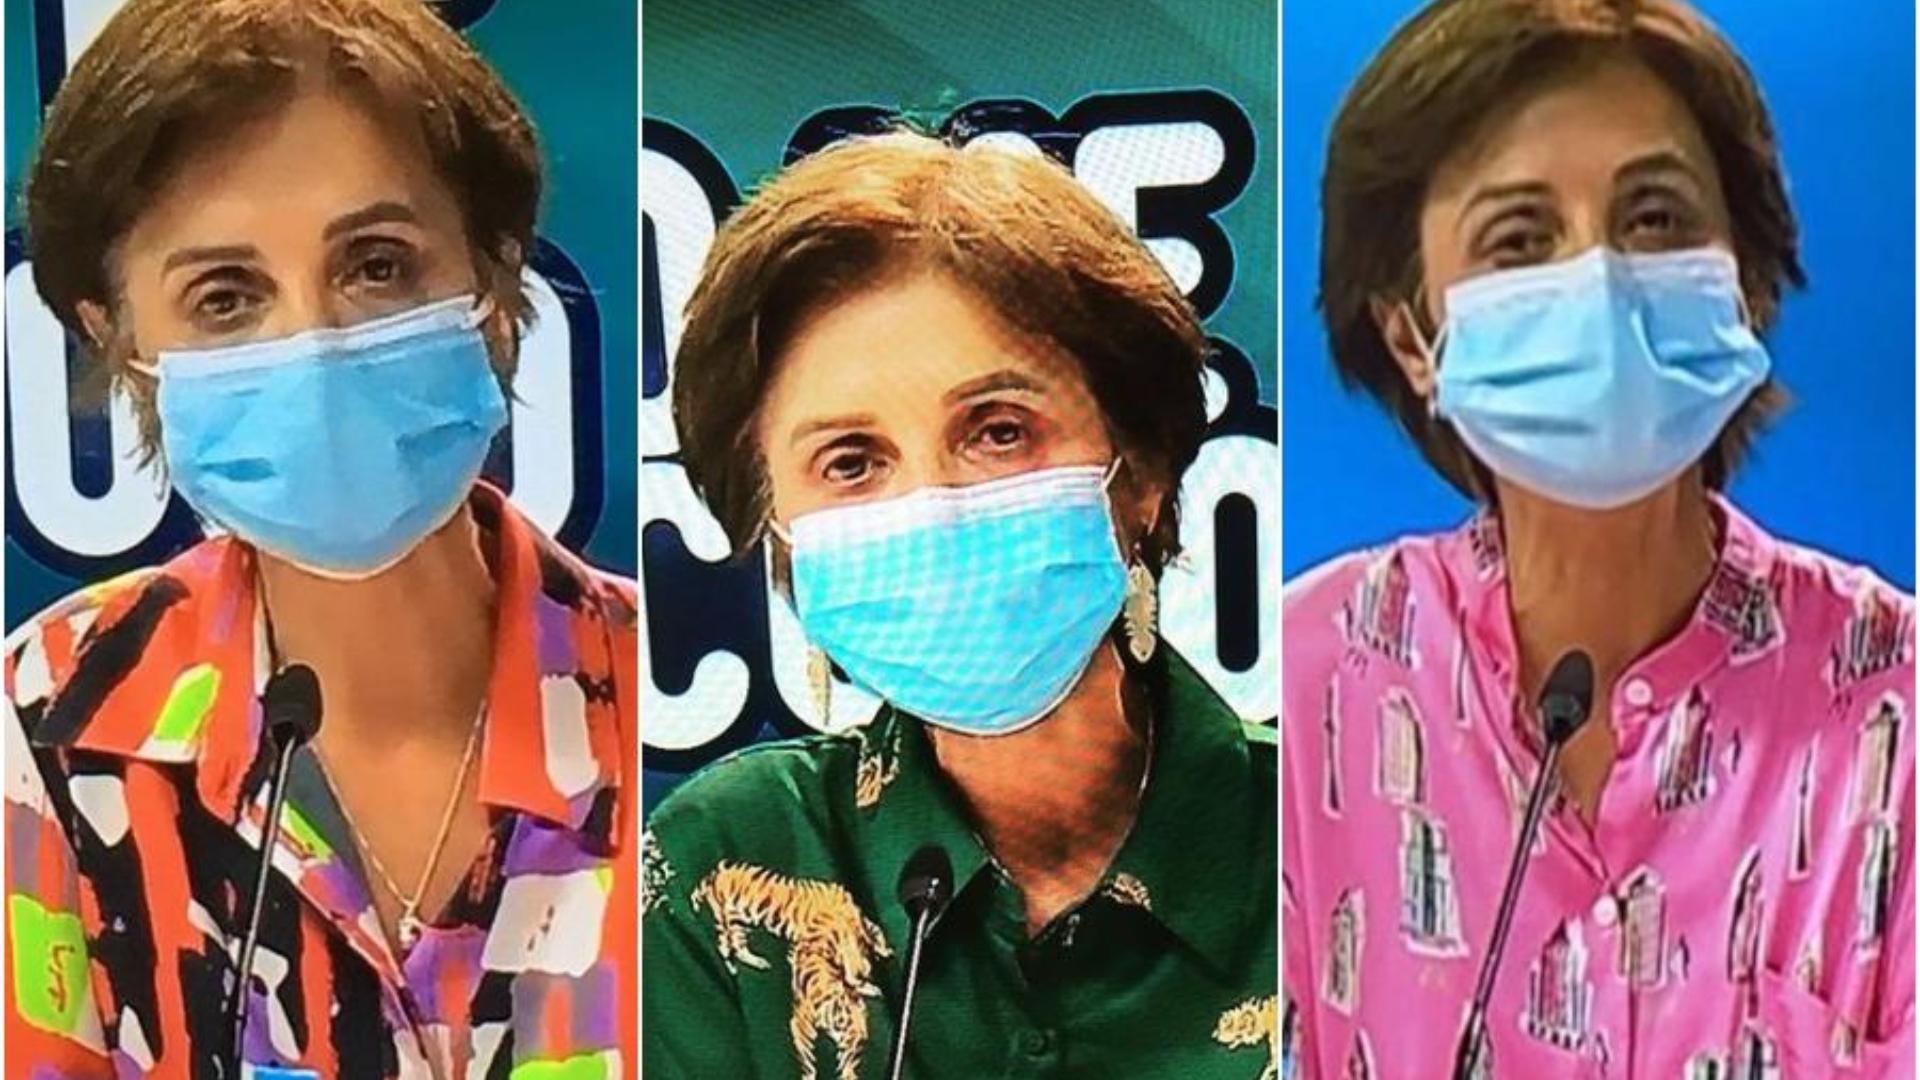 Paula Daza en diferentes balances sanitarios